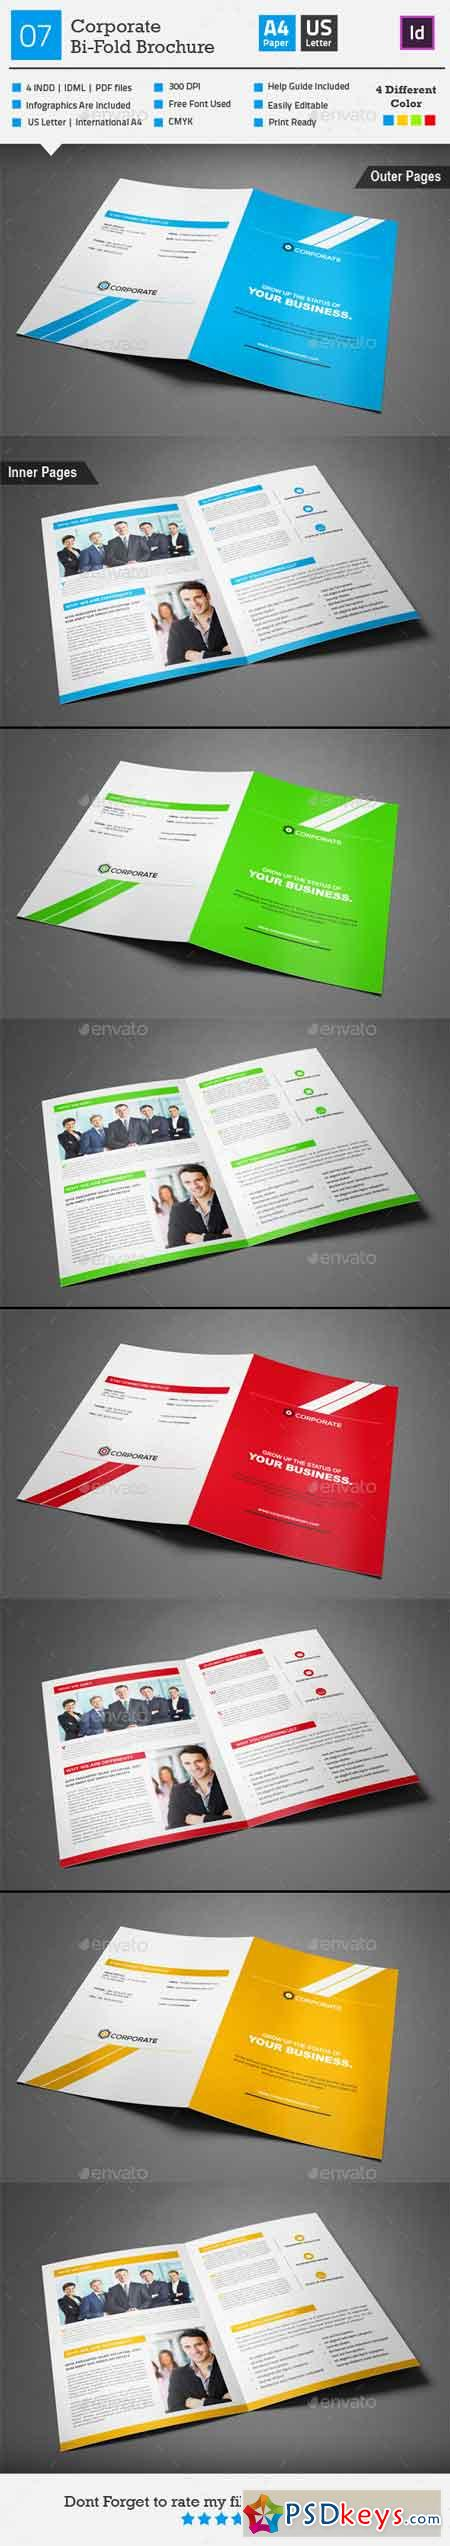 Corporate Bi-fold Brochure 07 9719389